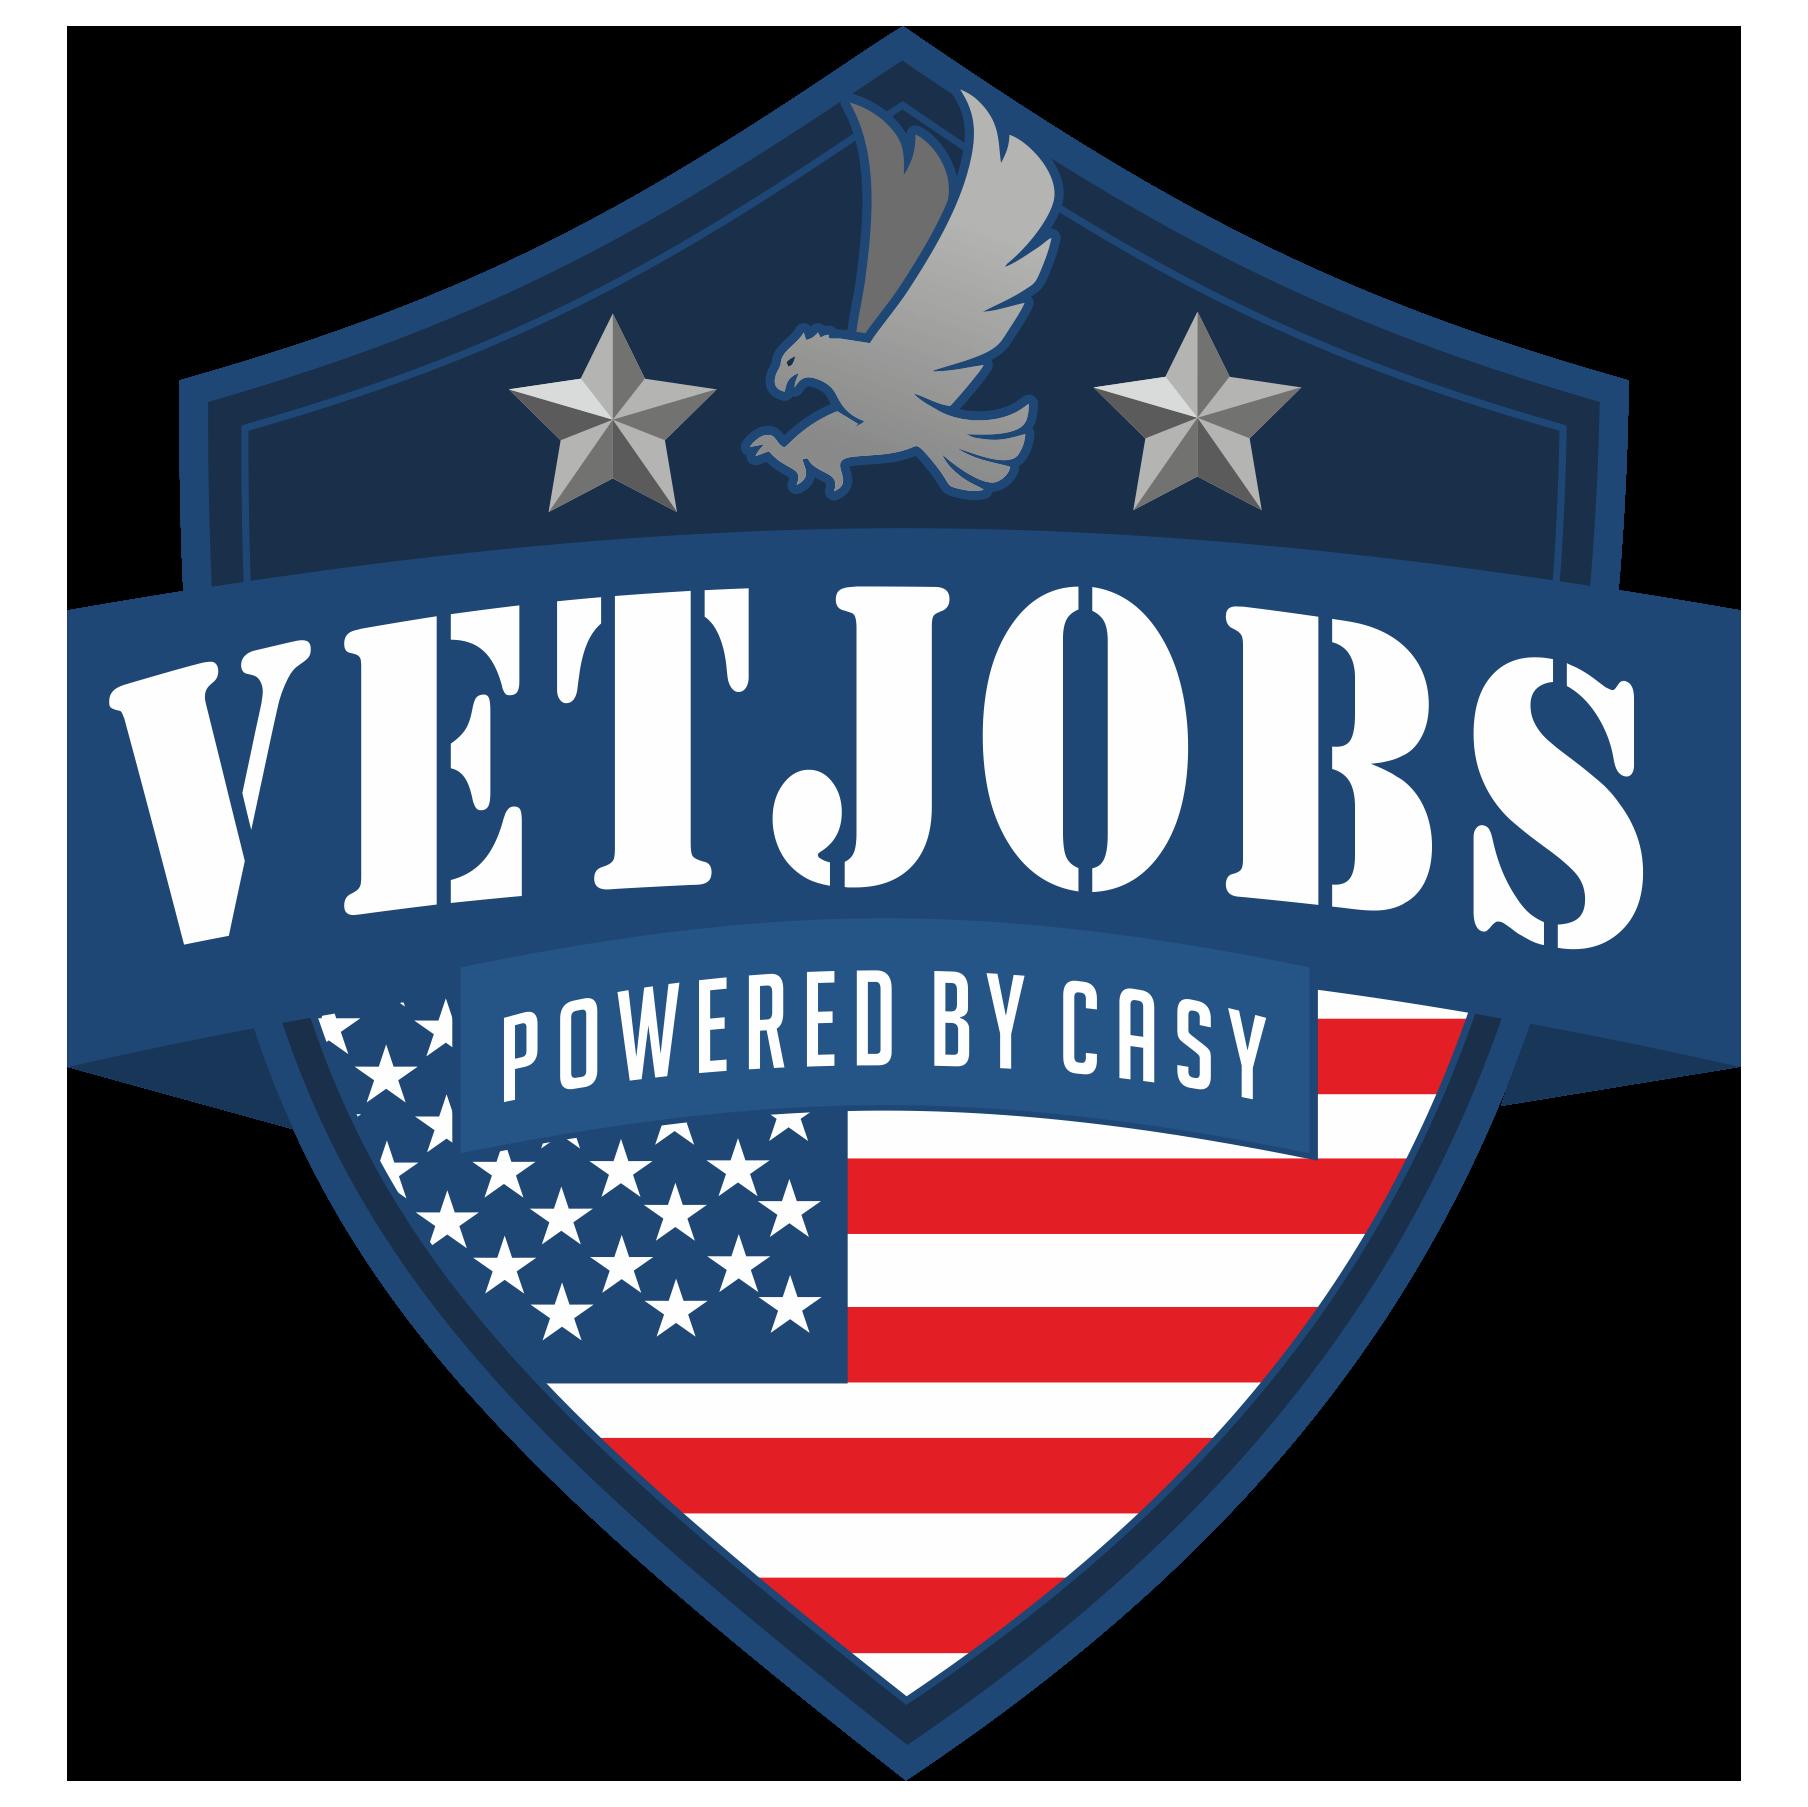 VetJobs logo